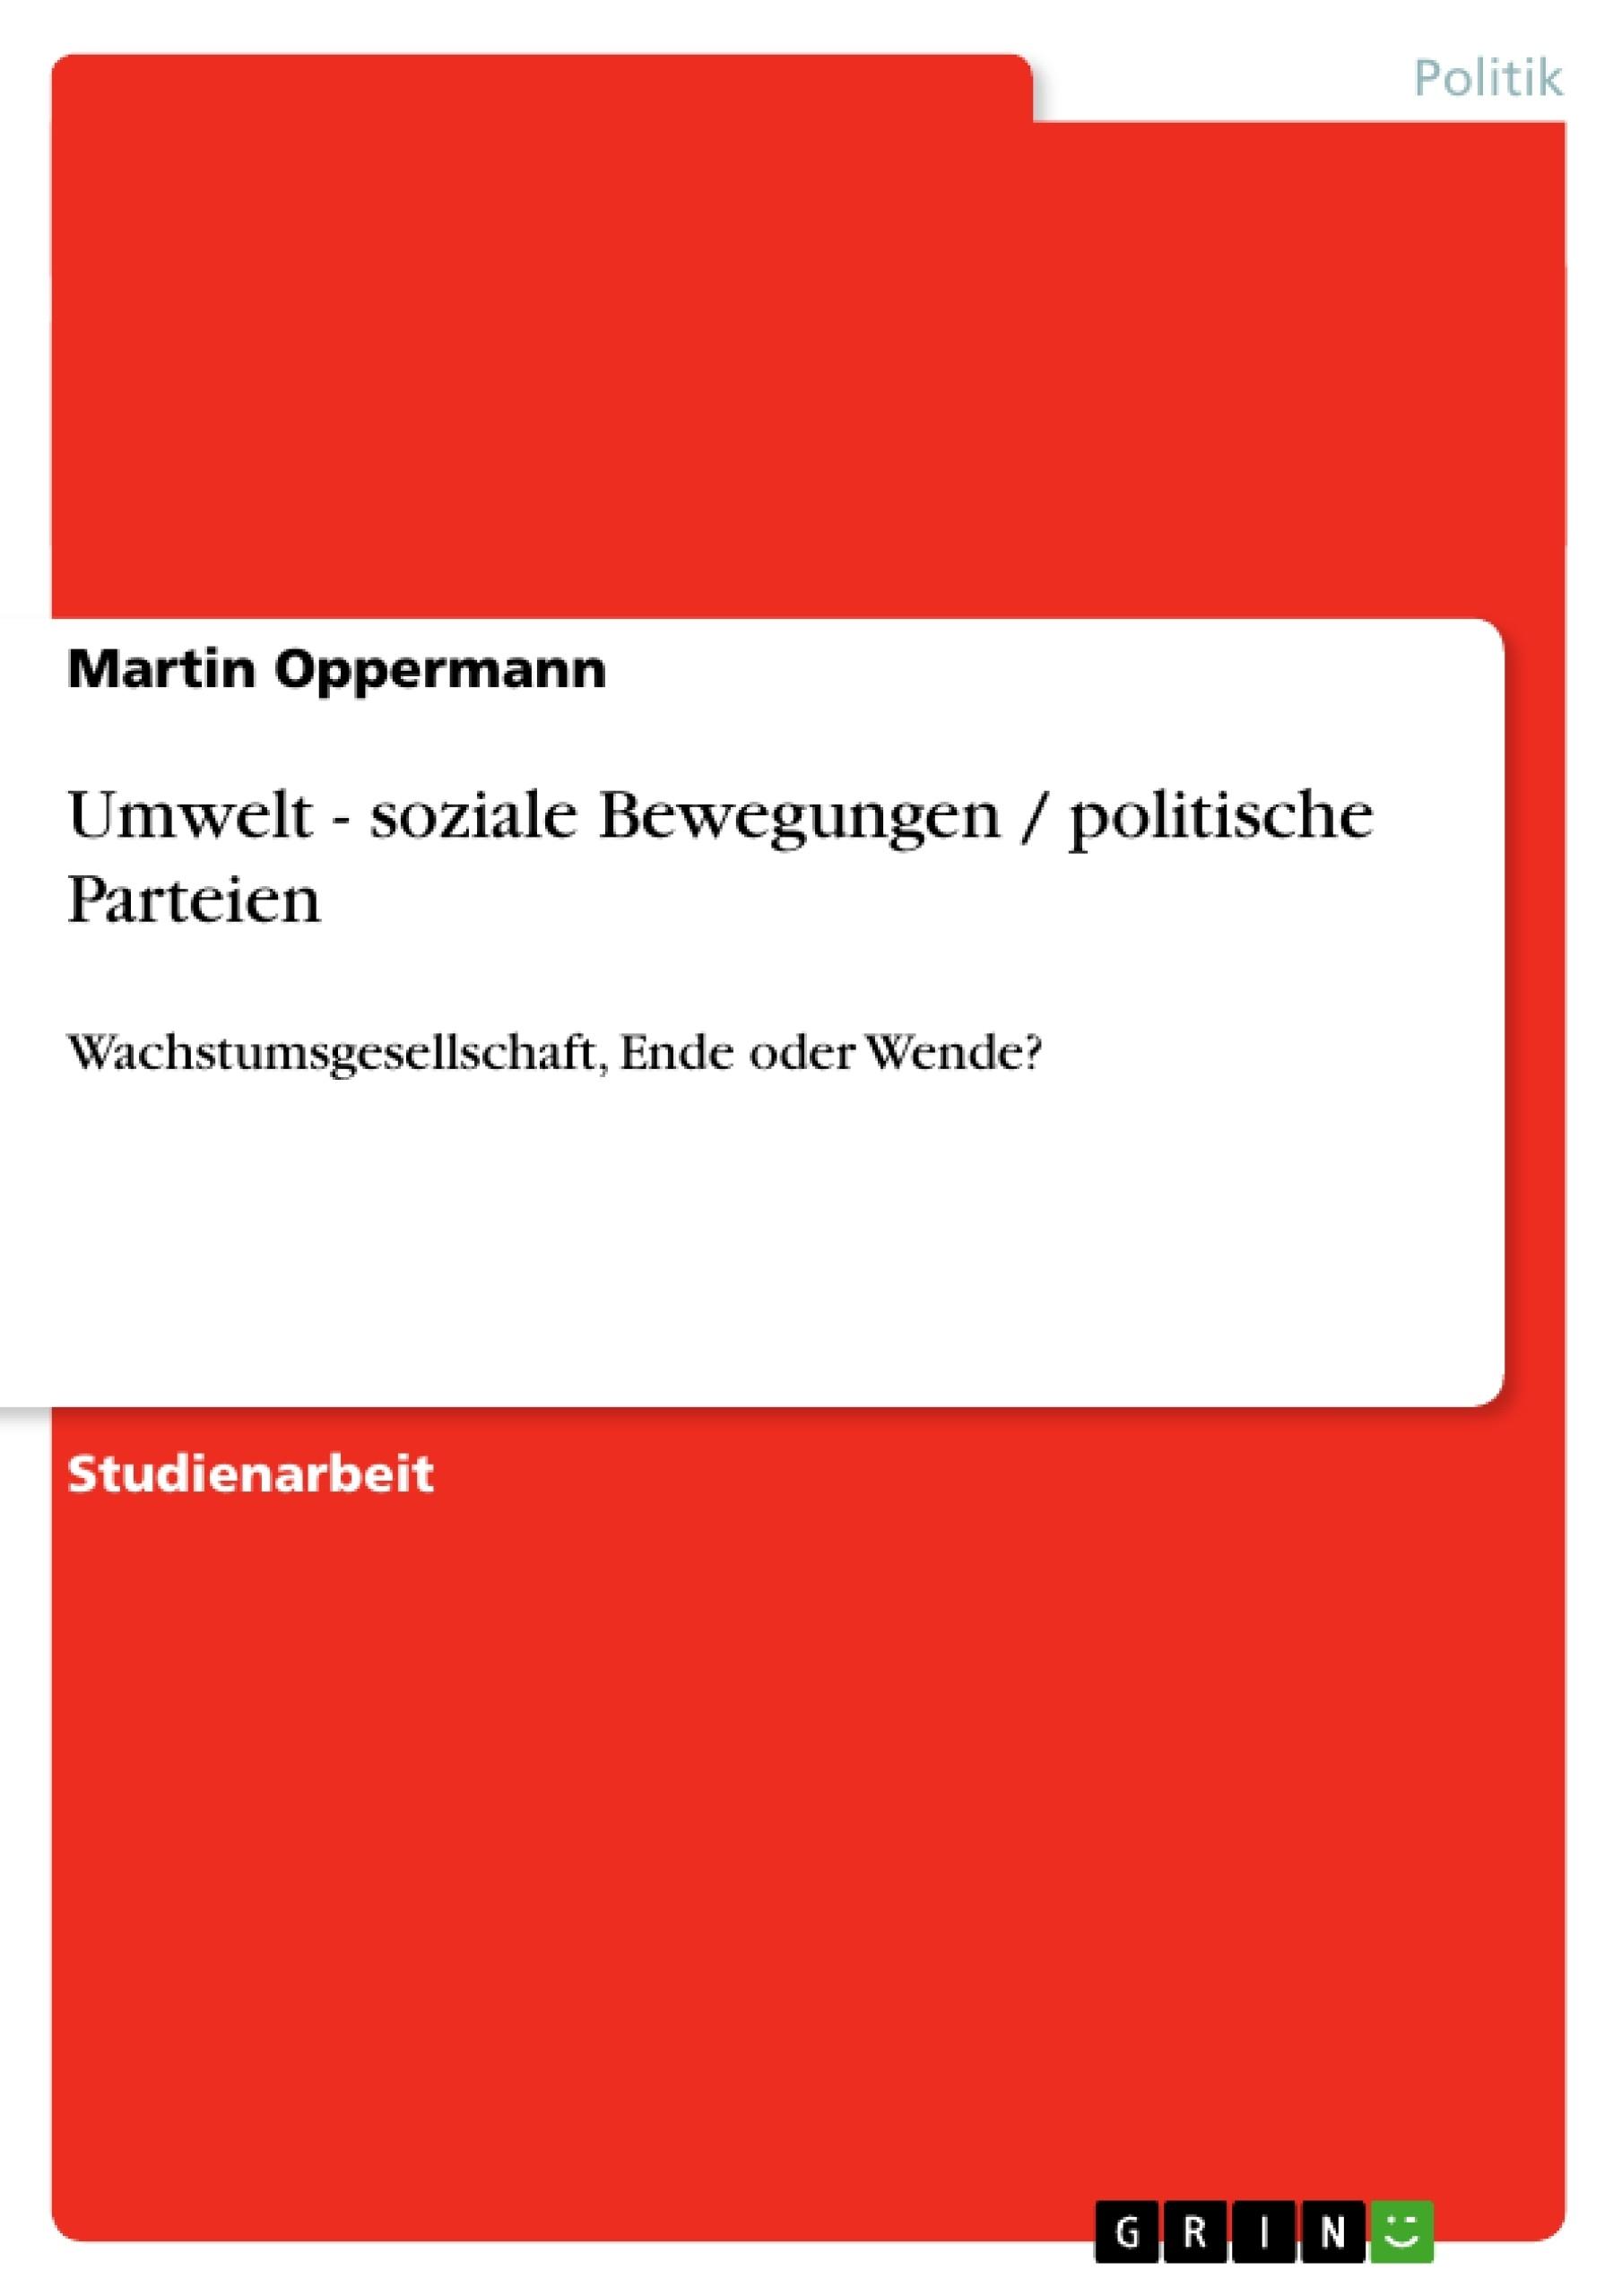 Titel: Umwelt - soziale Bewegungen / politische Parteien